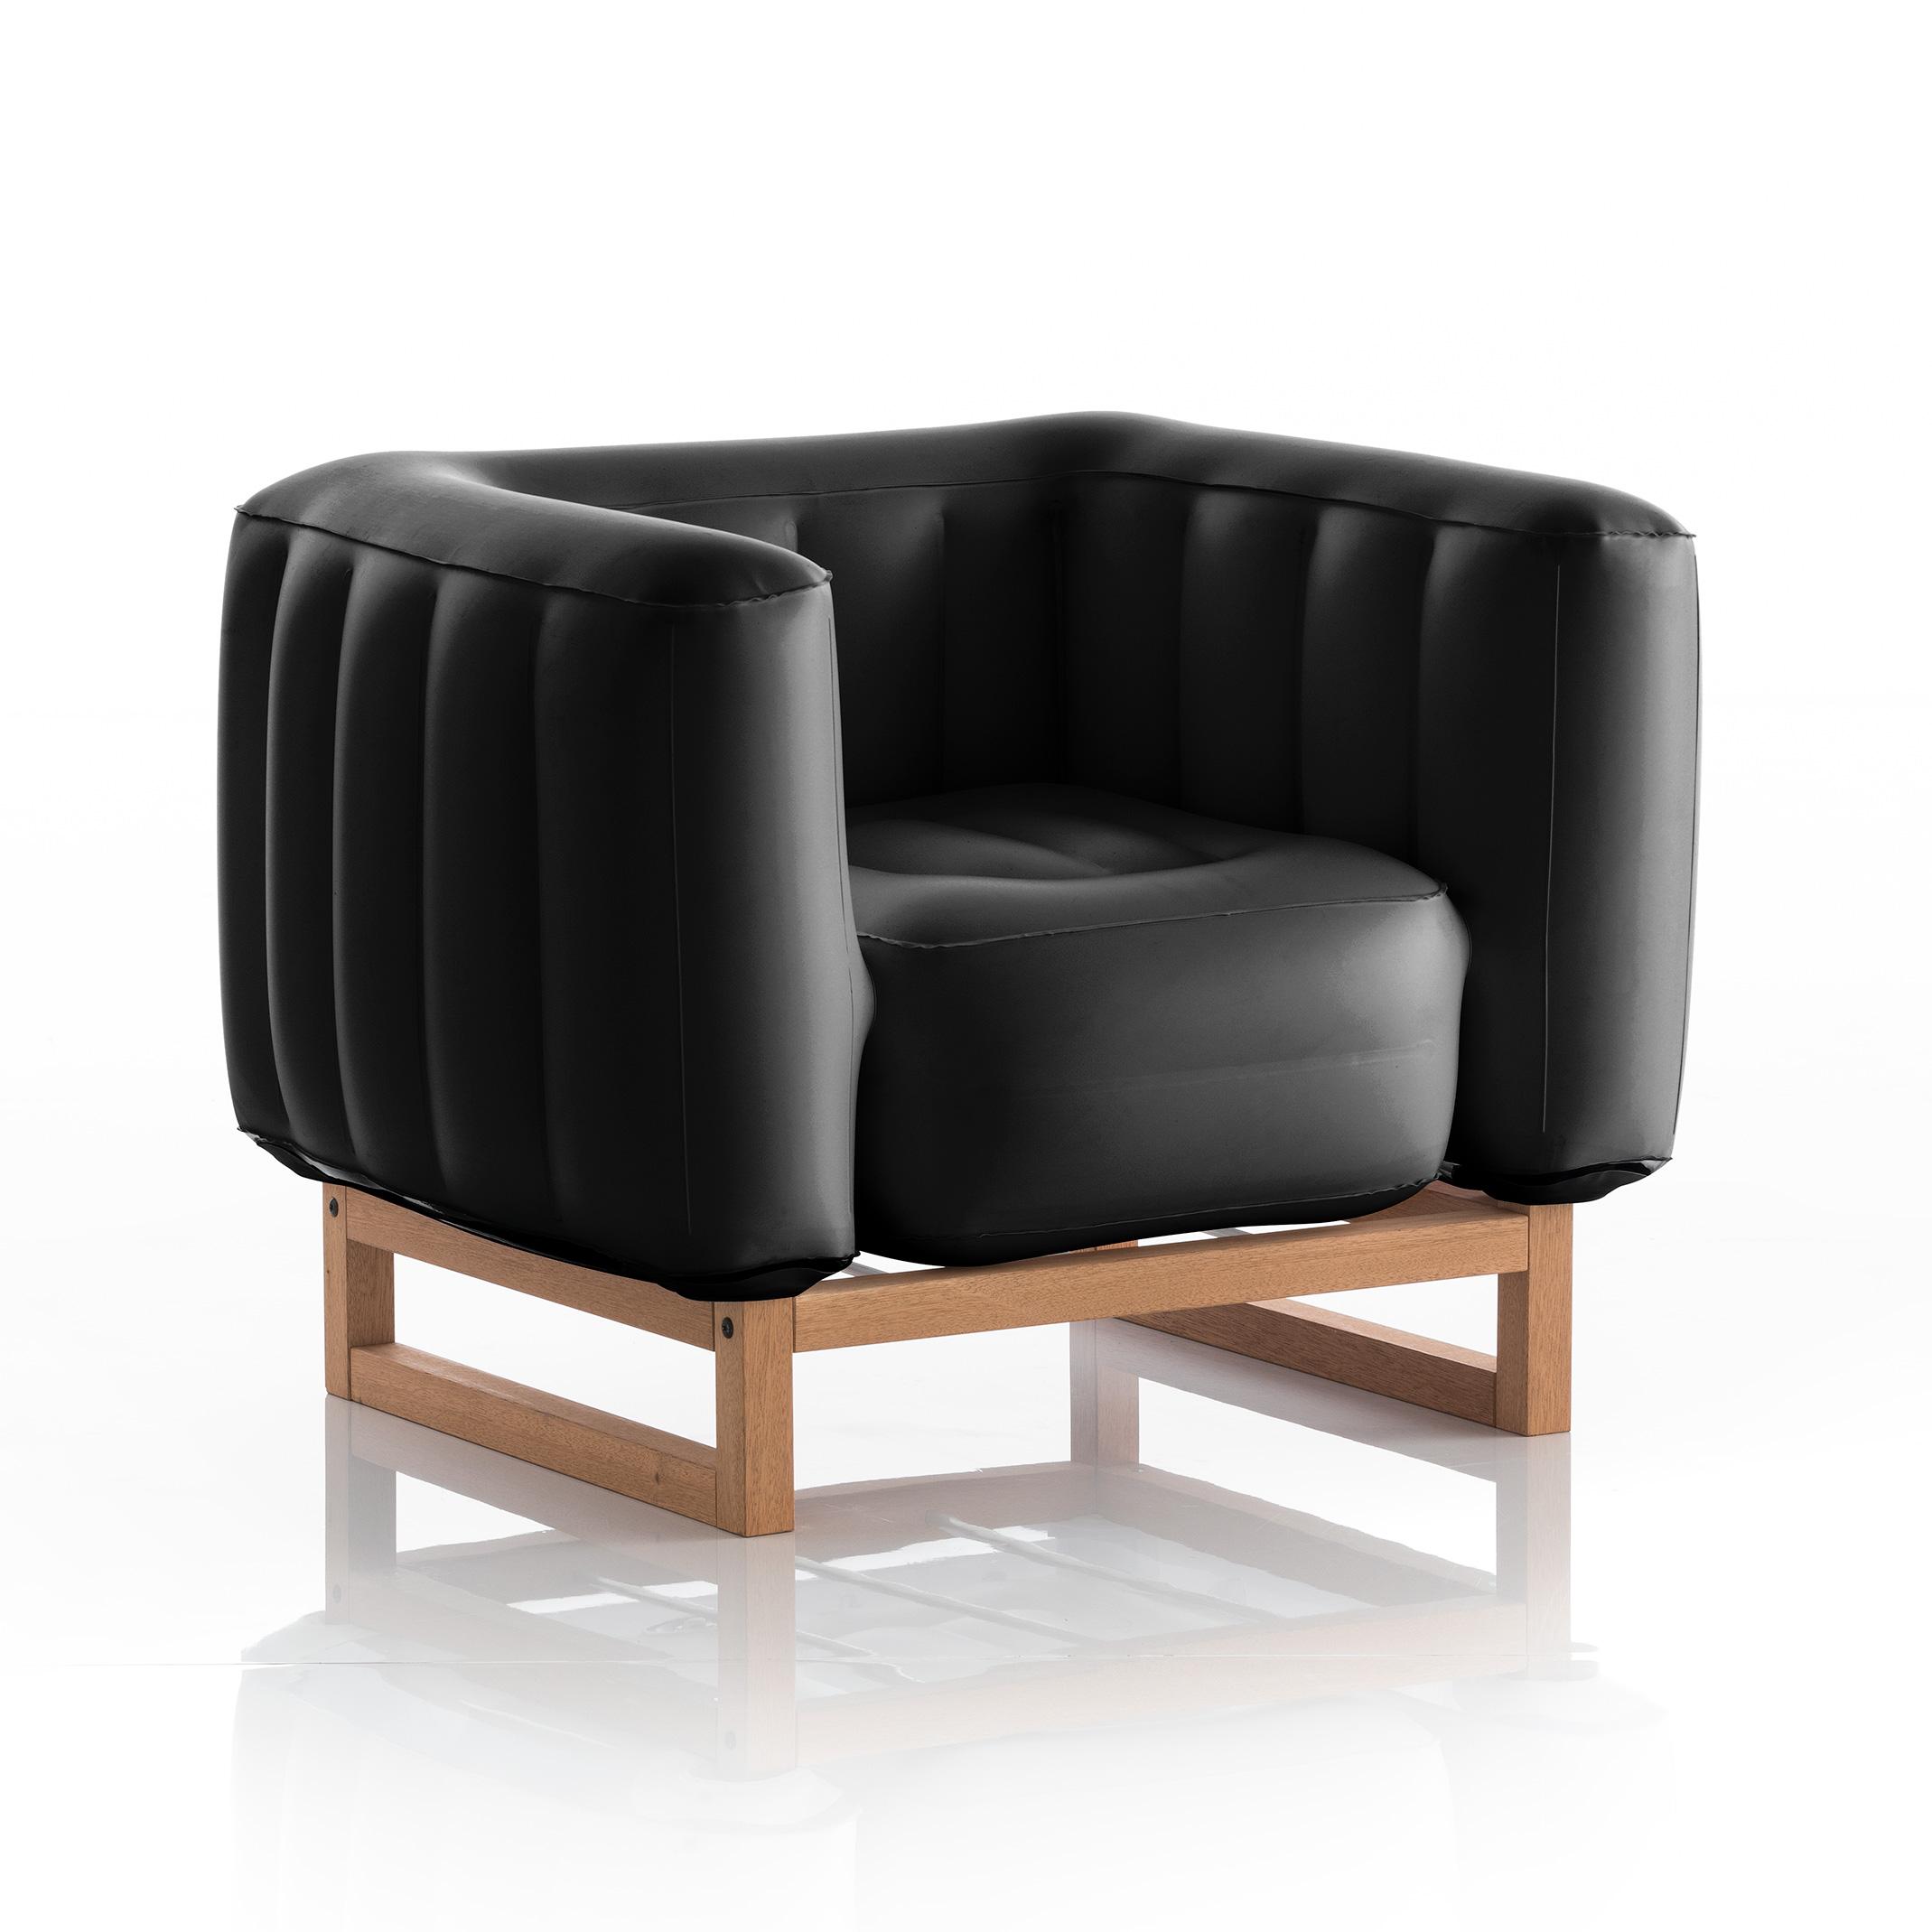 Fauteuil pvc noir opaque cadre en bois